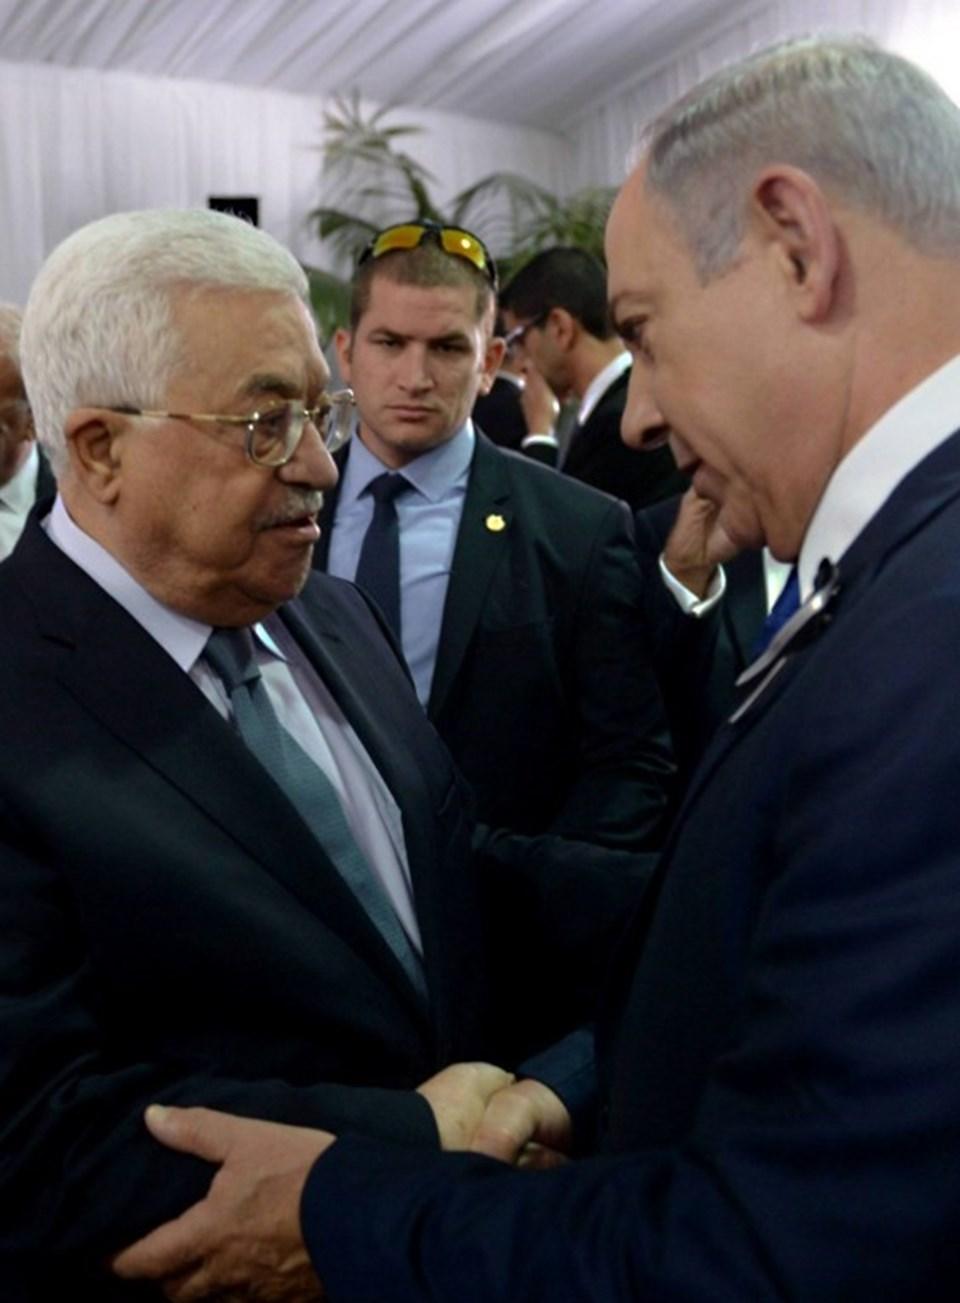 İsrail eski Cumhurbaşkanı Şimon Peres'in cenaze törenine katılan Filistin Devlet Başkanı Mahmud Abbas, İsrail Başbakanı Binyamin Netanyahu'ya taziyelerini sundu.